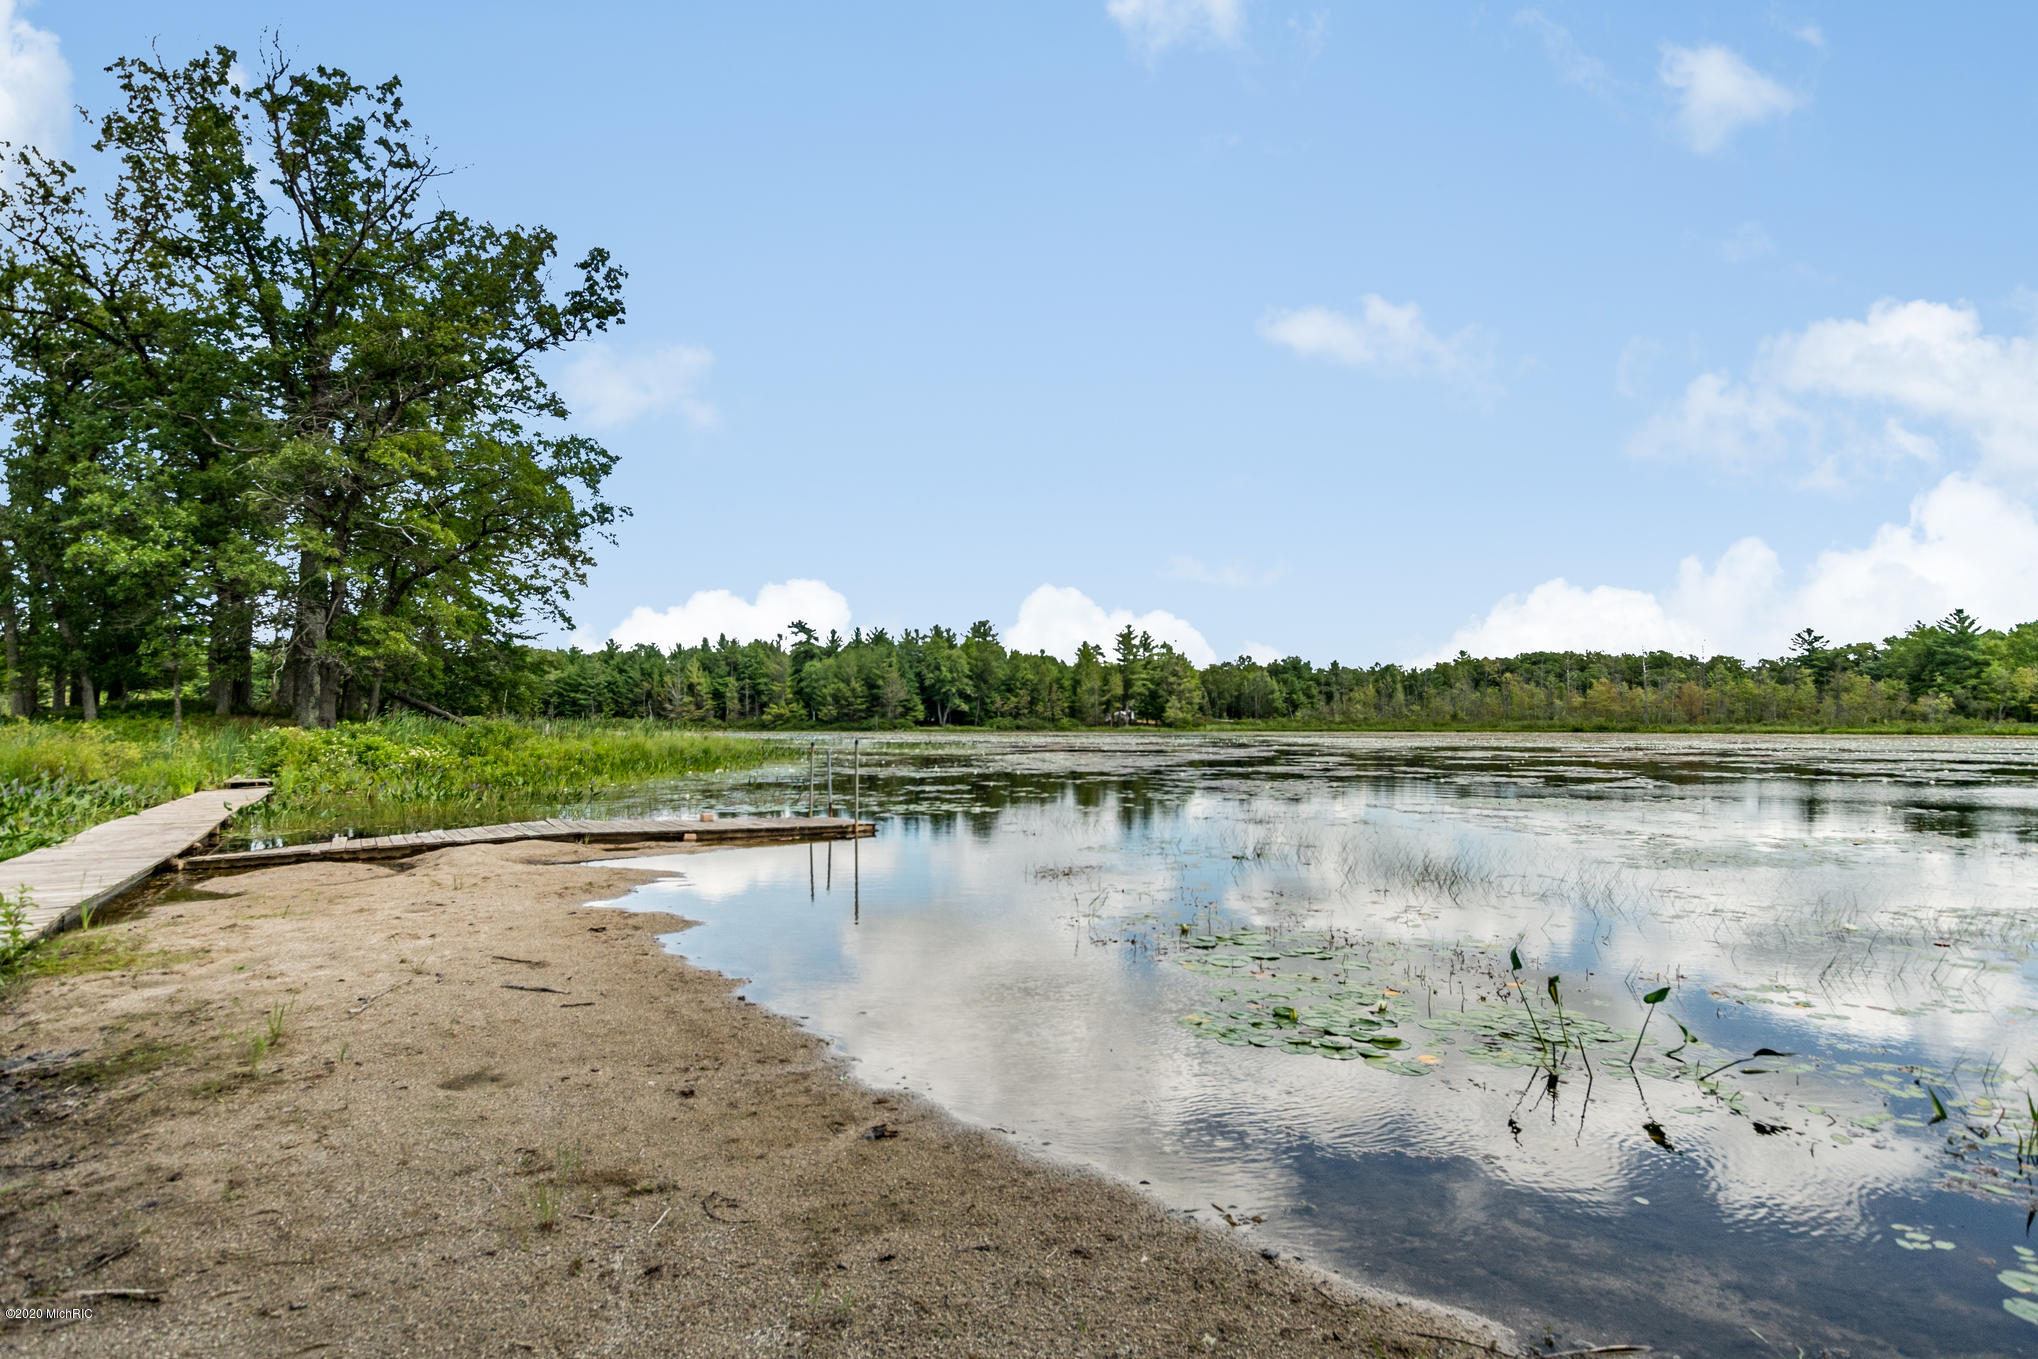 Lake Isaac - sandy beach